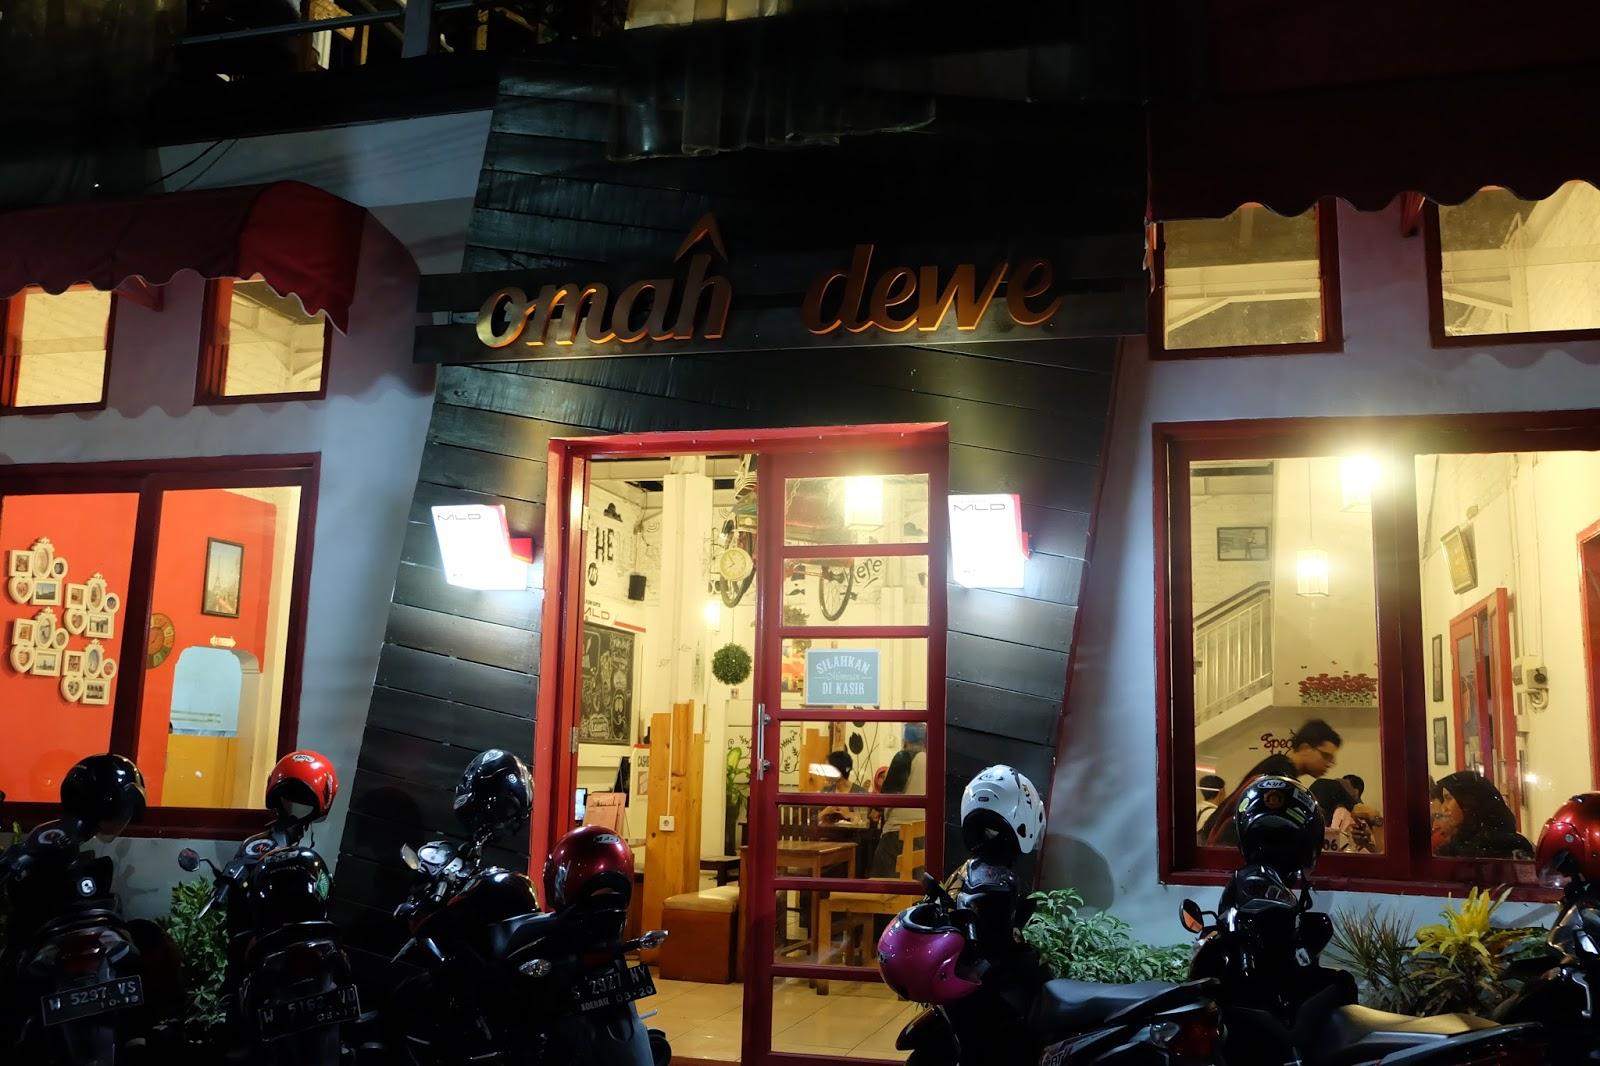 Kafe Omah Dewe Sidoarjo